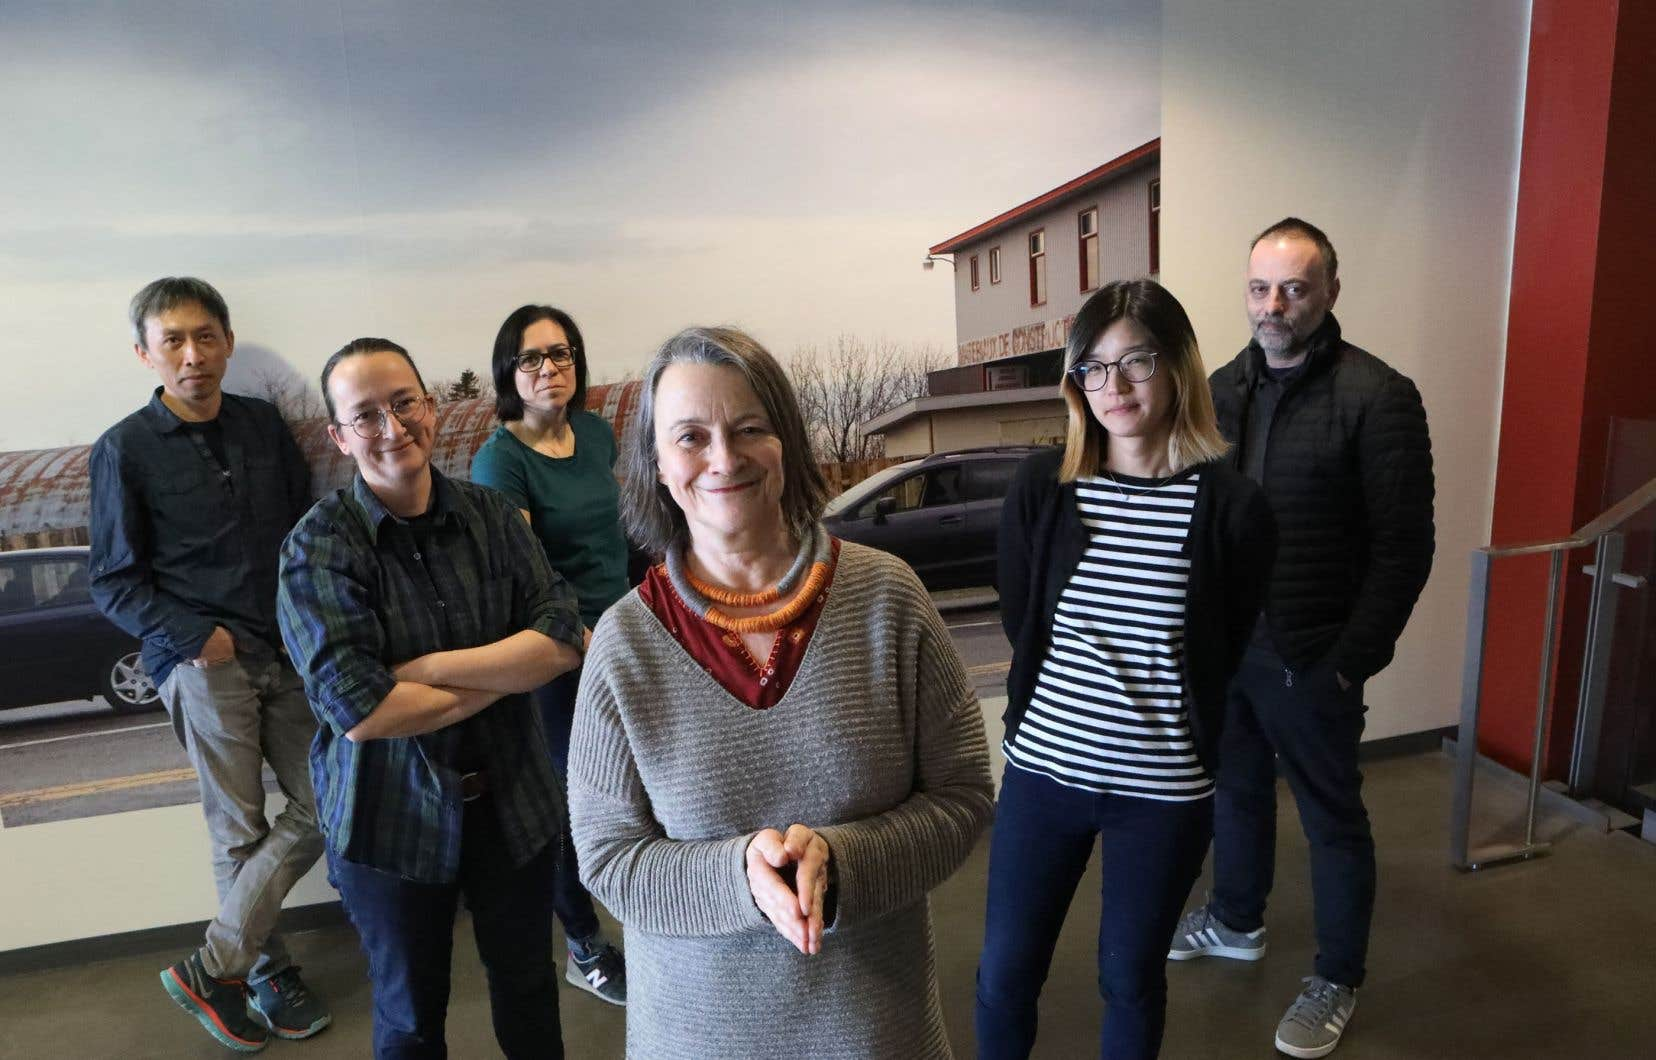 Aucun collectif d'artistes ne ressemble à Outre-vie. Et le groupe fondé en 2013 par la photographe Raymonde April (au centre) ne se démarque pas que par le nombre impressionnant de ses membres.